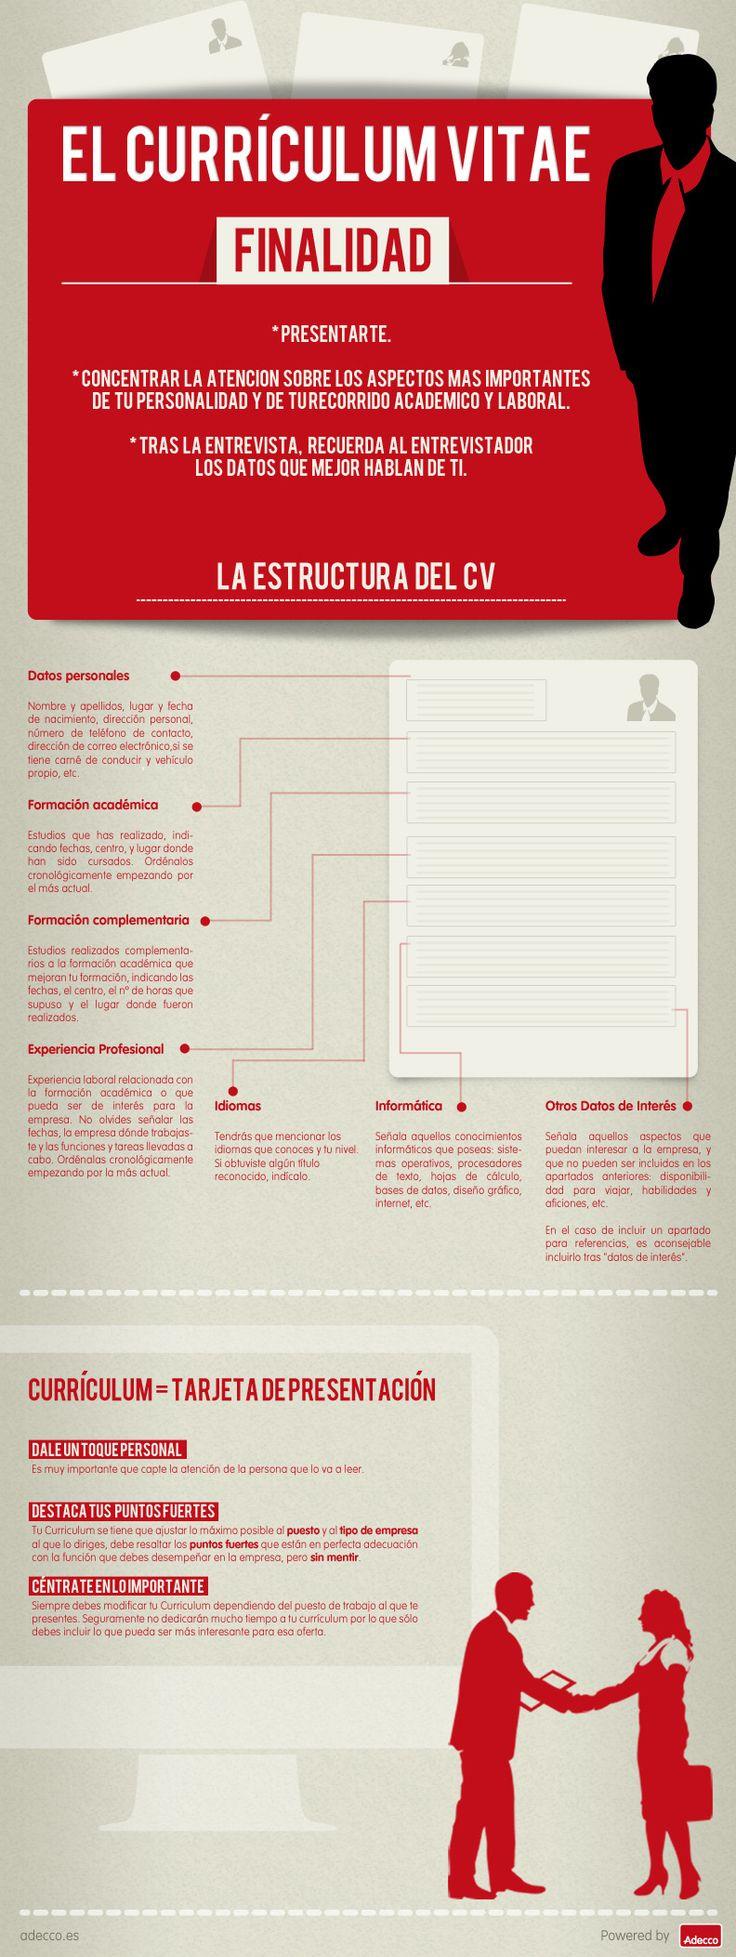 Cómo hacer bien un Curriculum Vitae #infografia